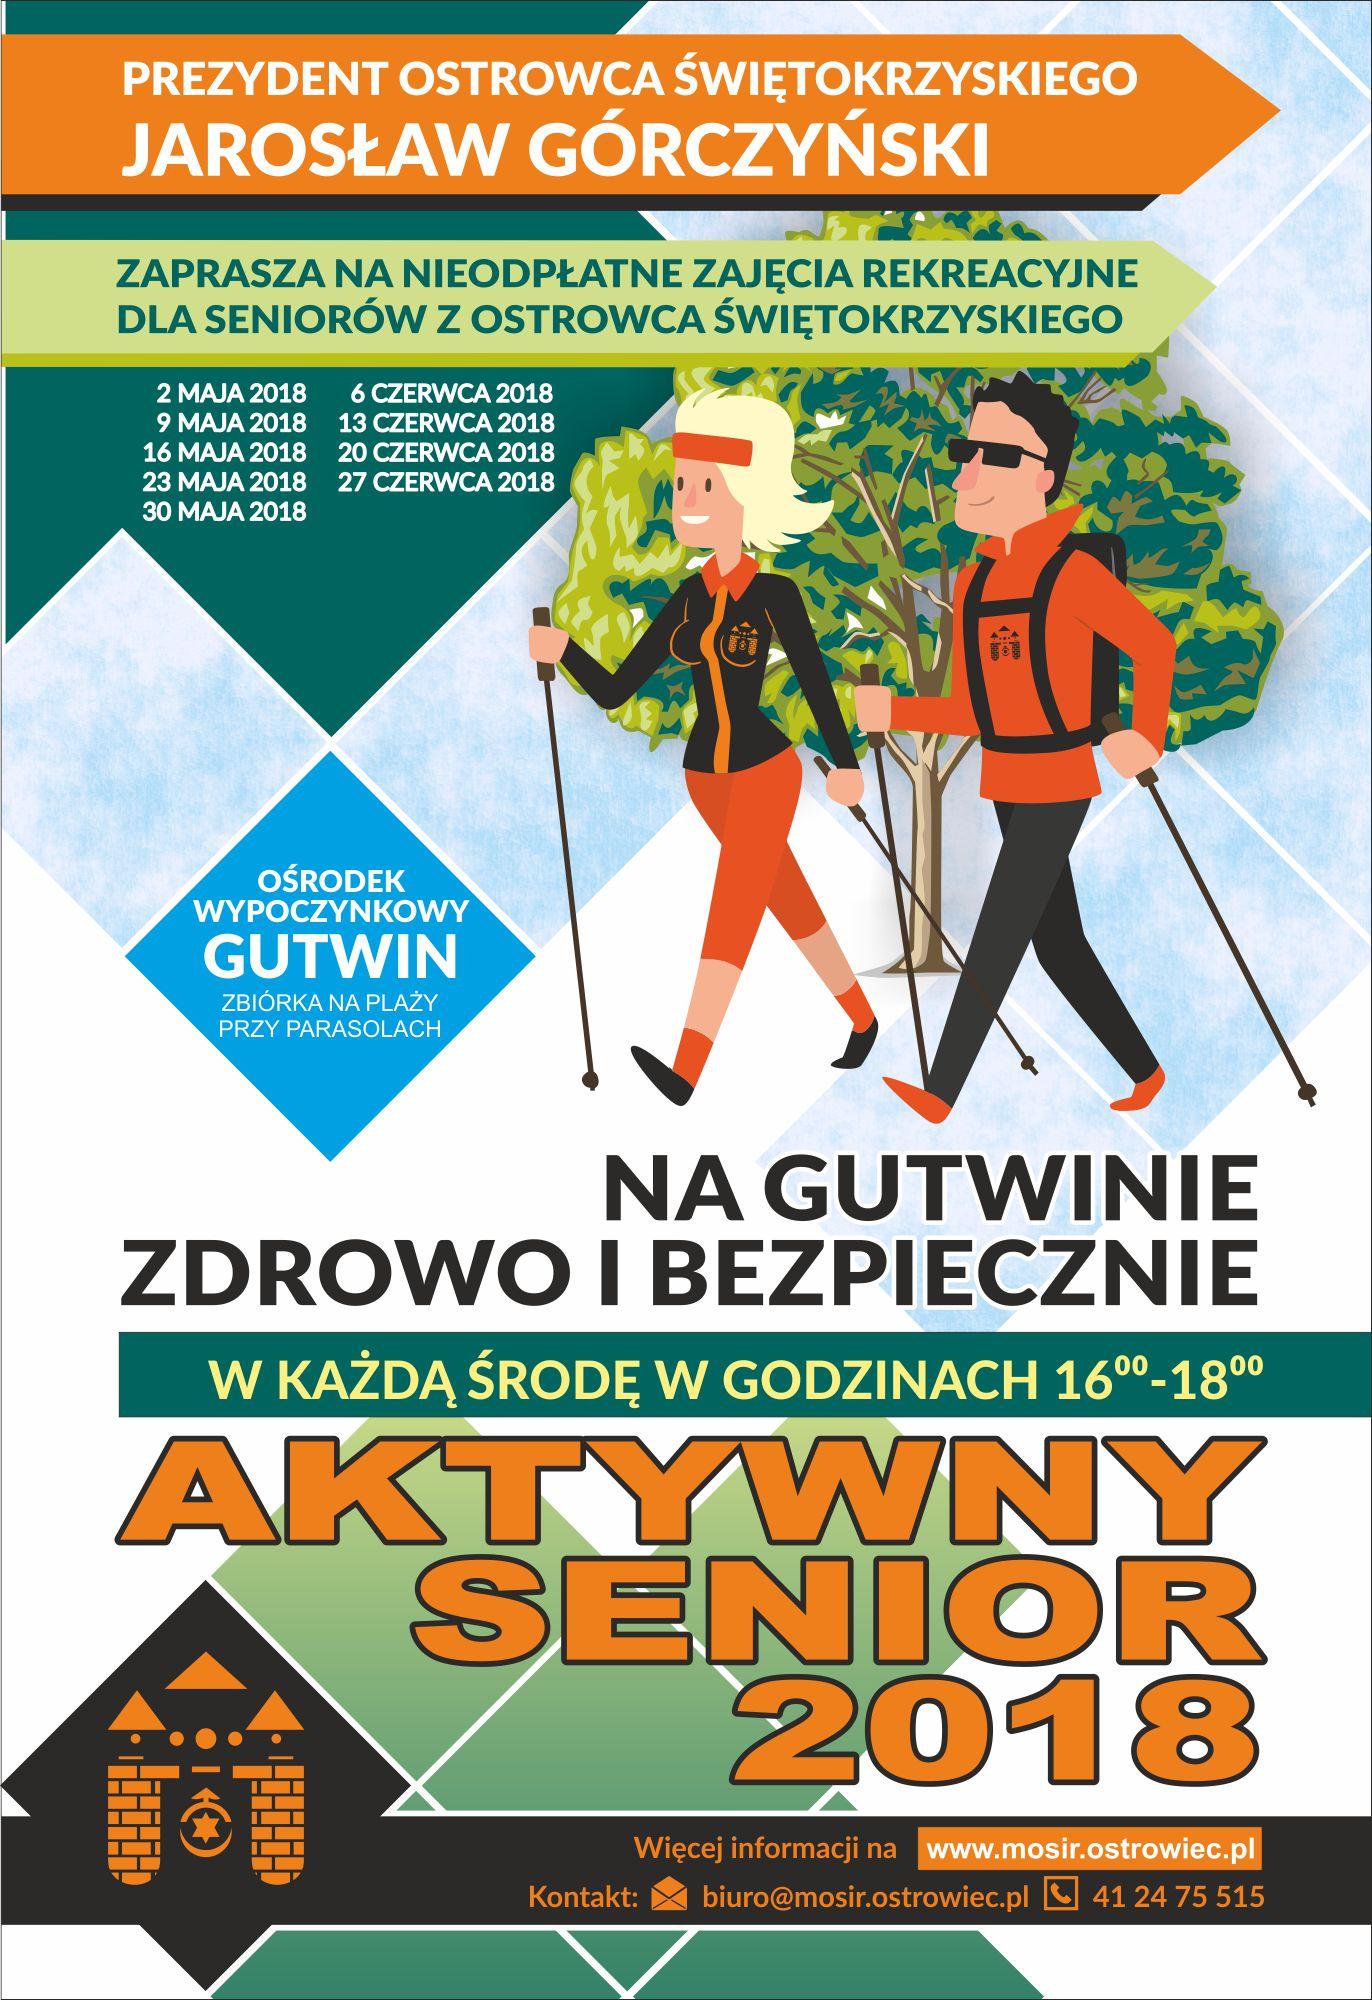 Aktywny Senior plakat zdrowo i bezpiecznie